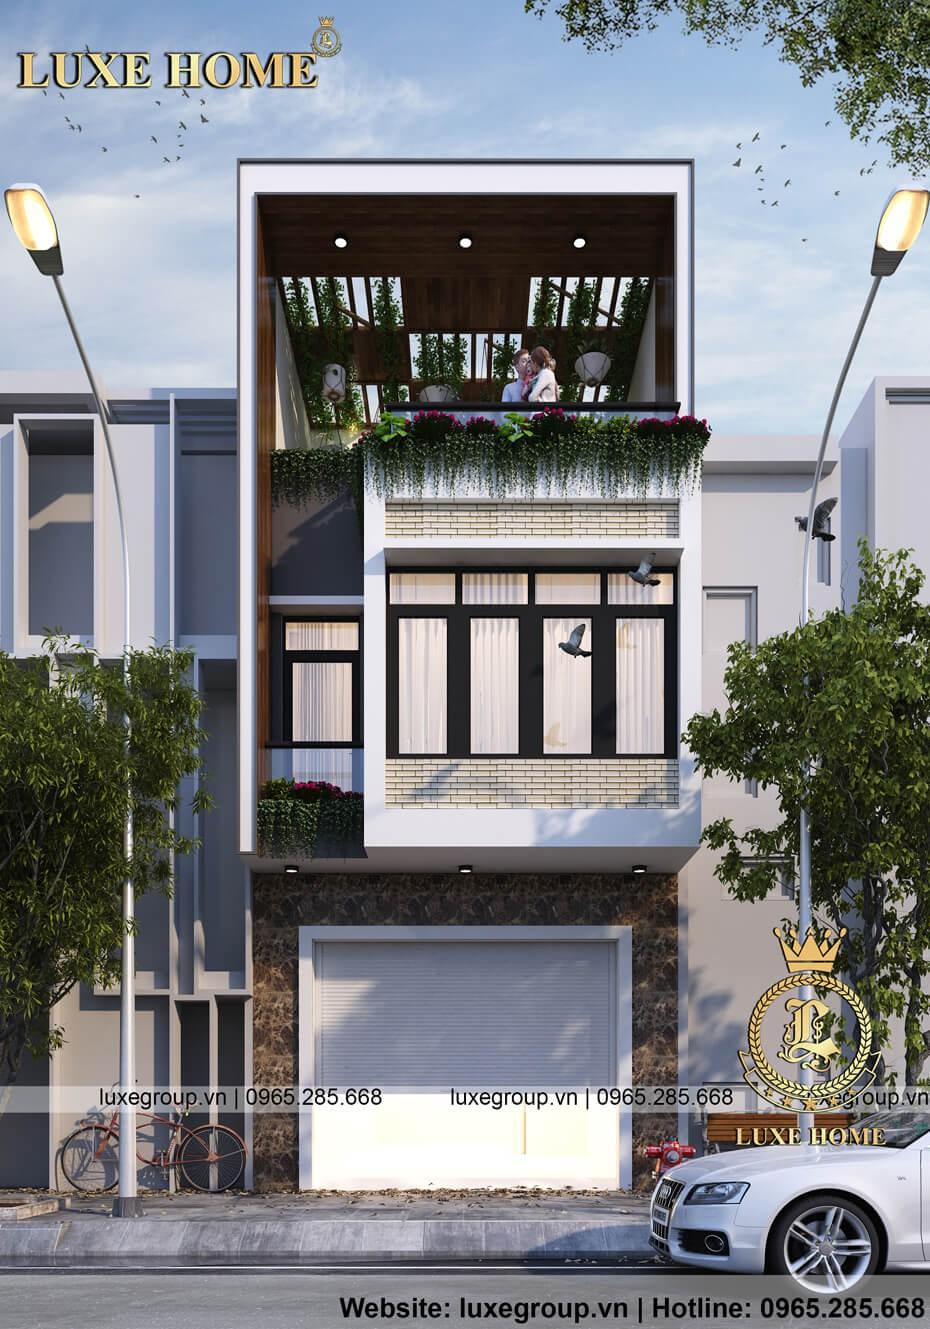 nhà 3 tầng hiện đại kinh doanh